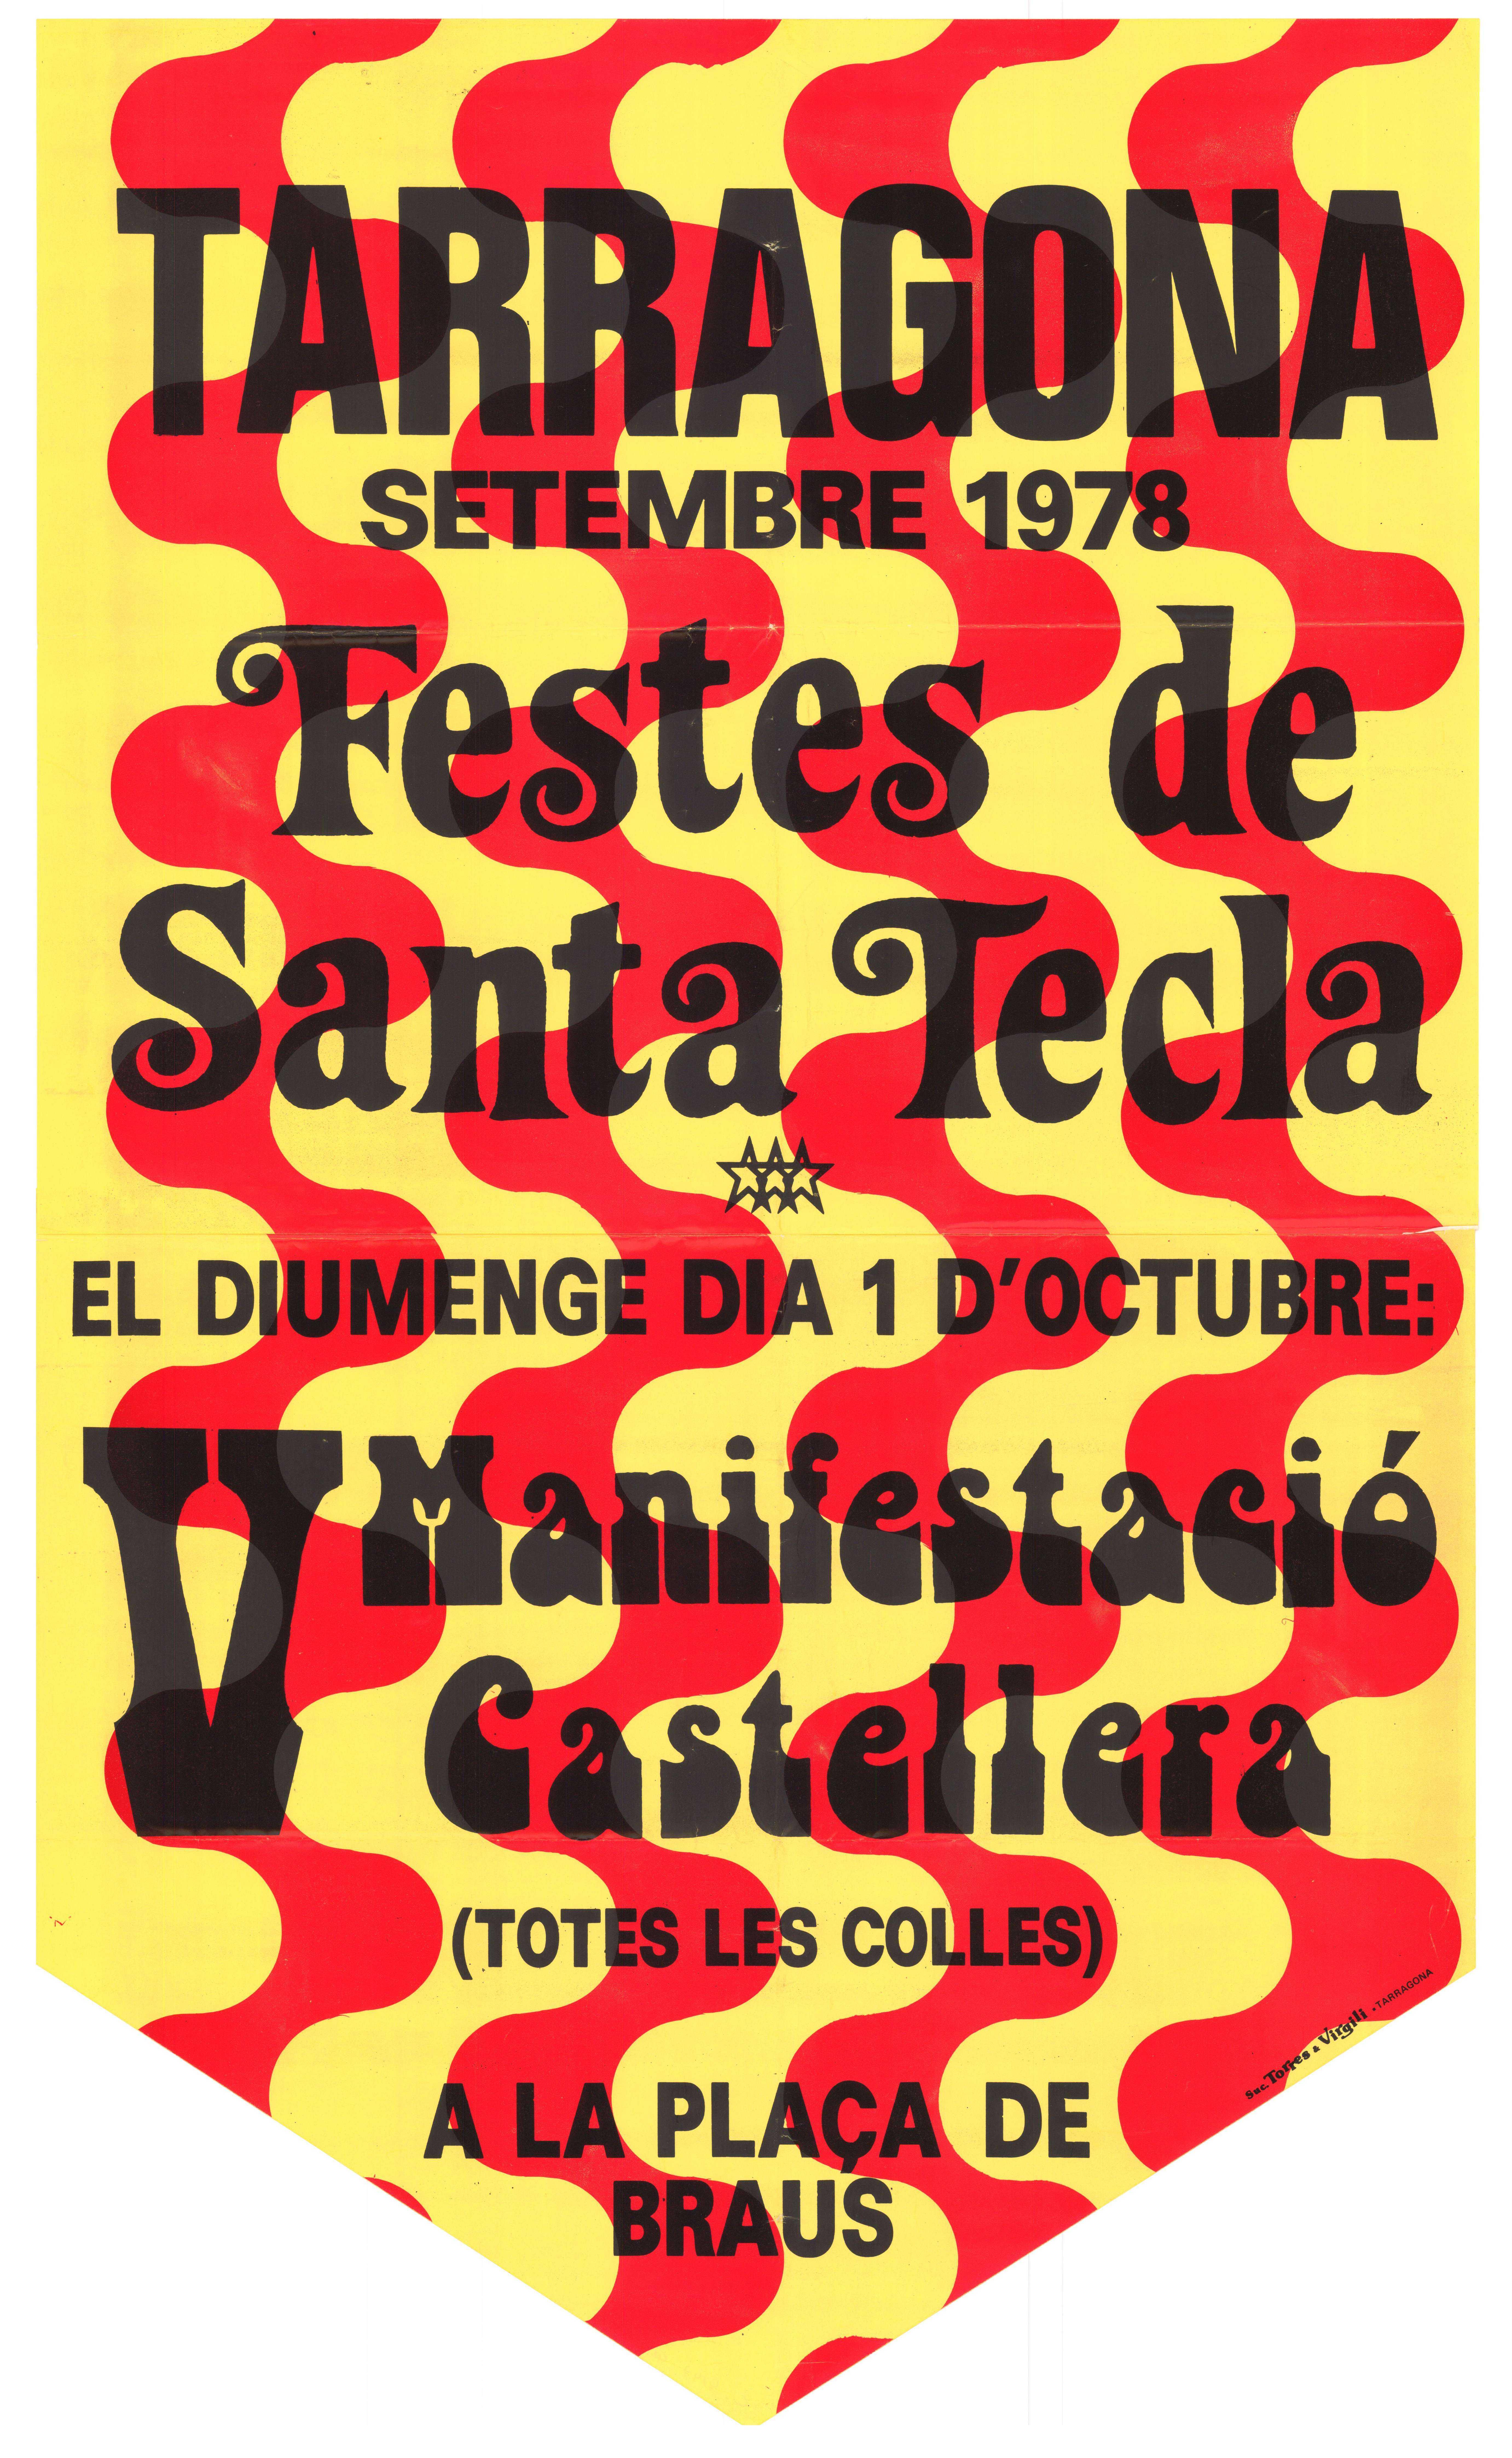 Cartell de la Manifestació Castellera de 1978